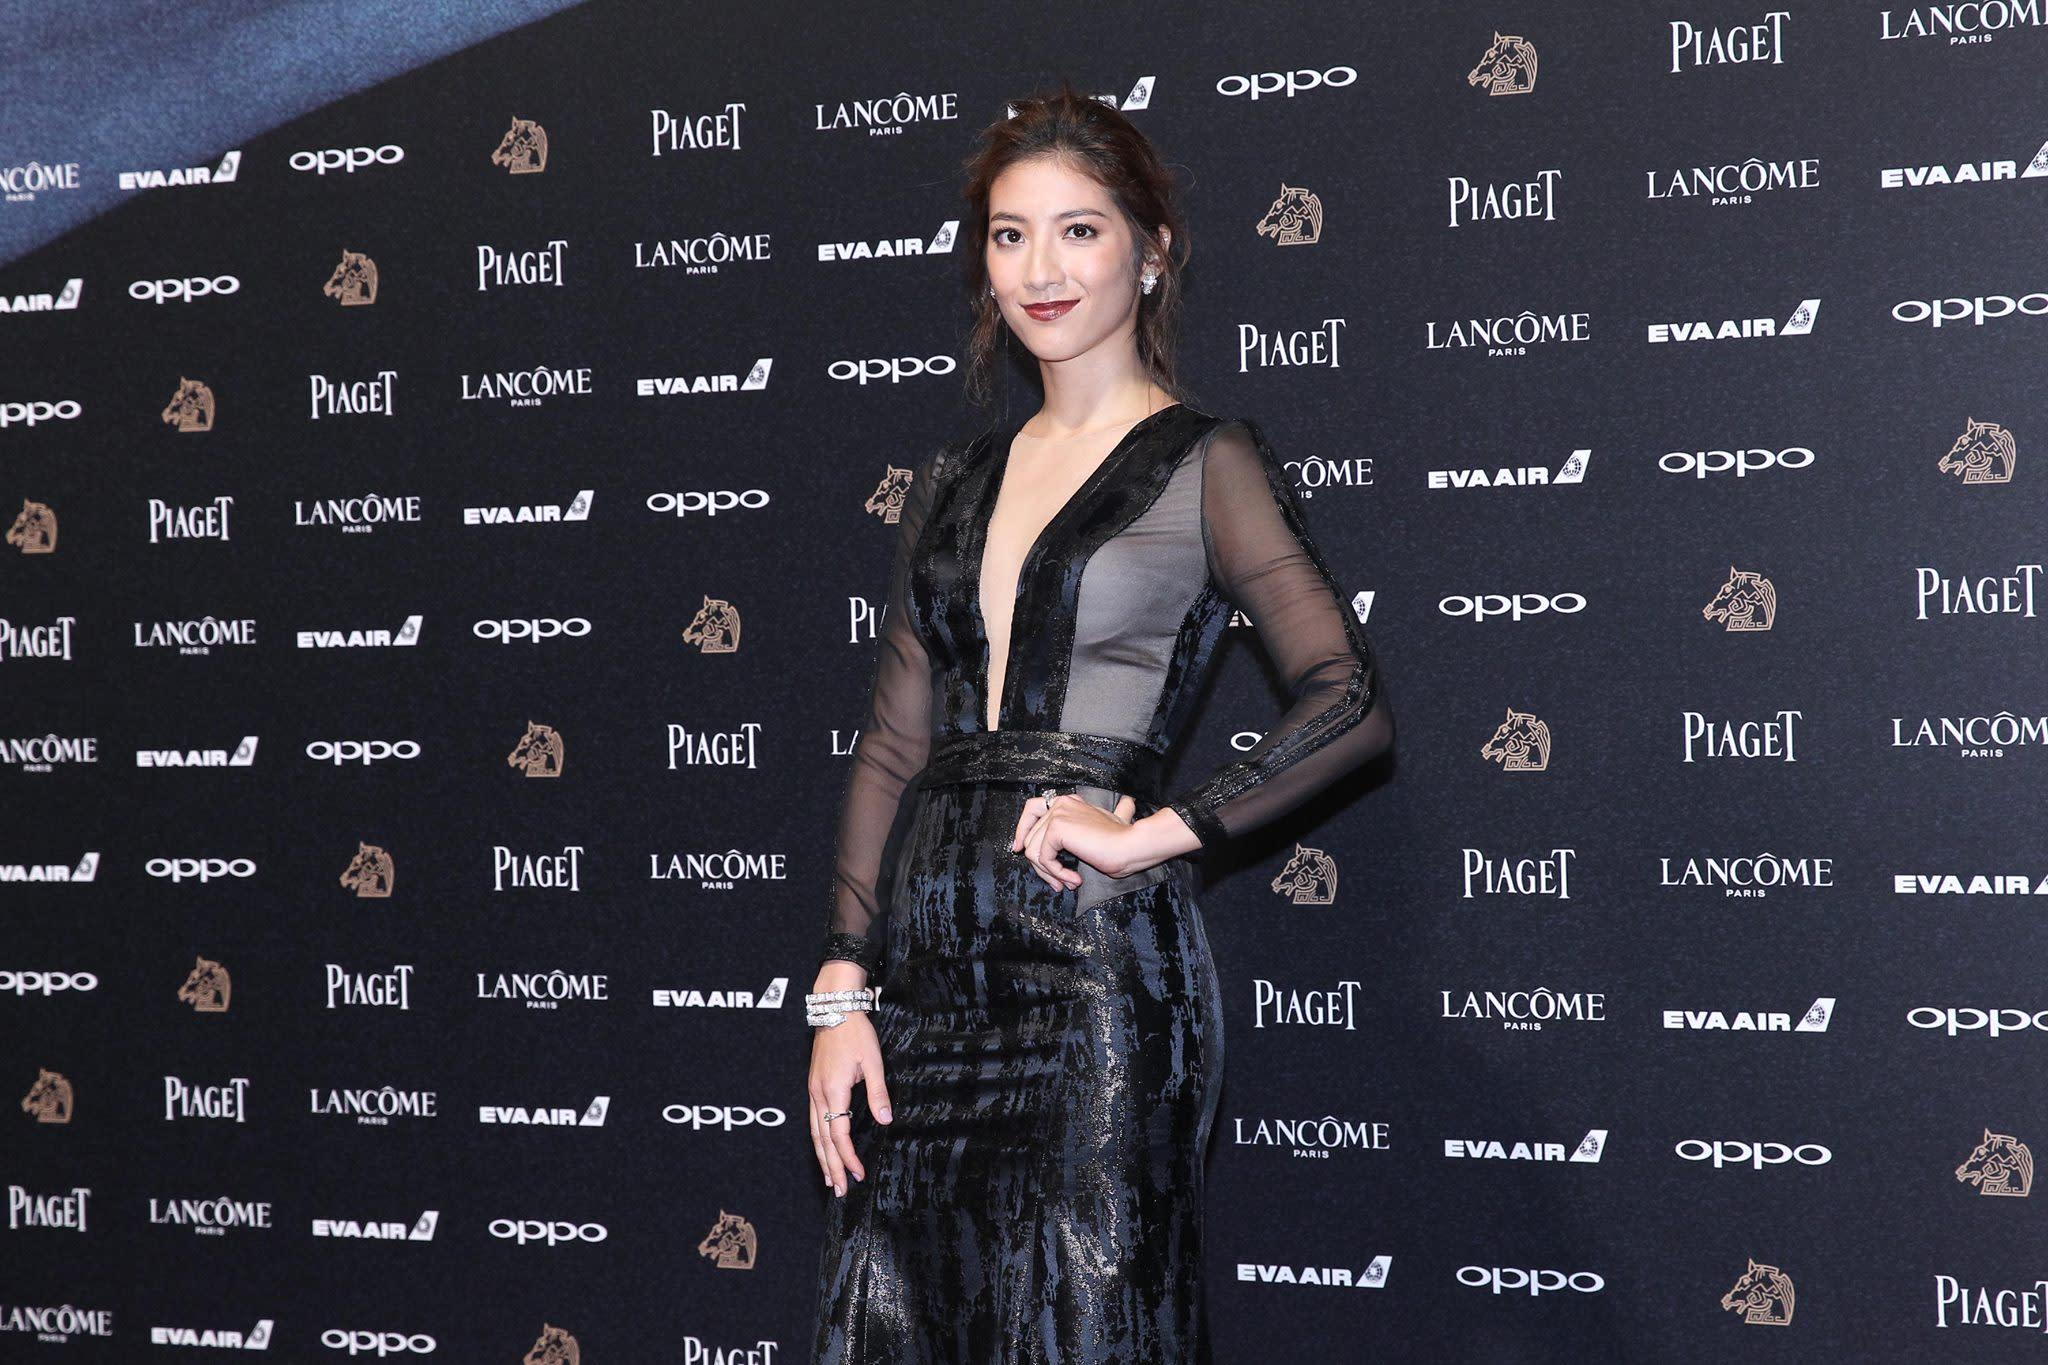 <p>台灣與黎巴嫩裔混血兒瑞瑪席丹,以電影《強尼‧凱克》入圍並獲得金馬最佳新人獎。本來就身材姣好的她,穿著火辣的深V性感剪裁透夫材質禮服,完全辣翻紅毯(影像提供:達志影像) </p>